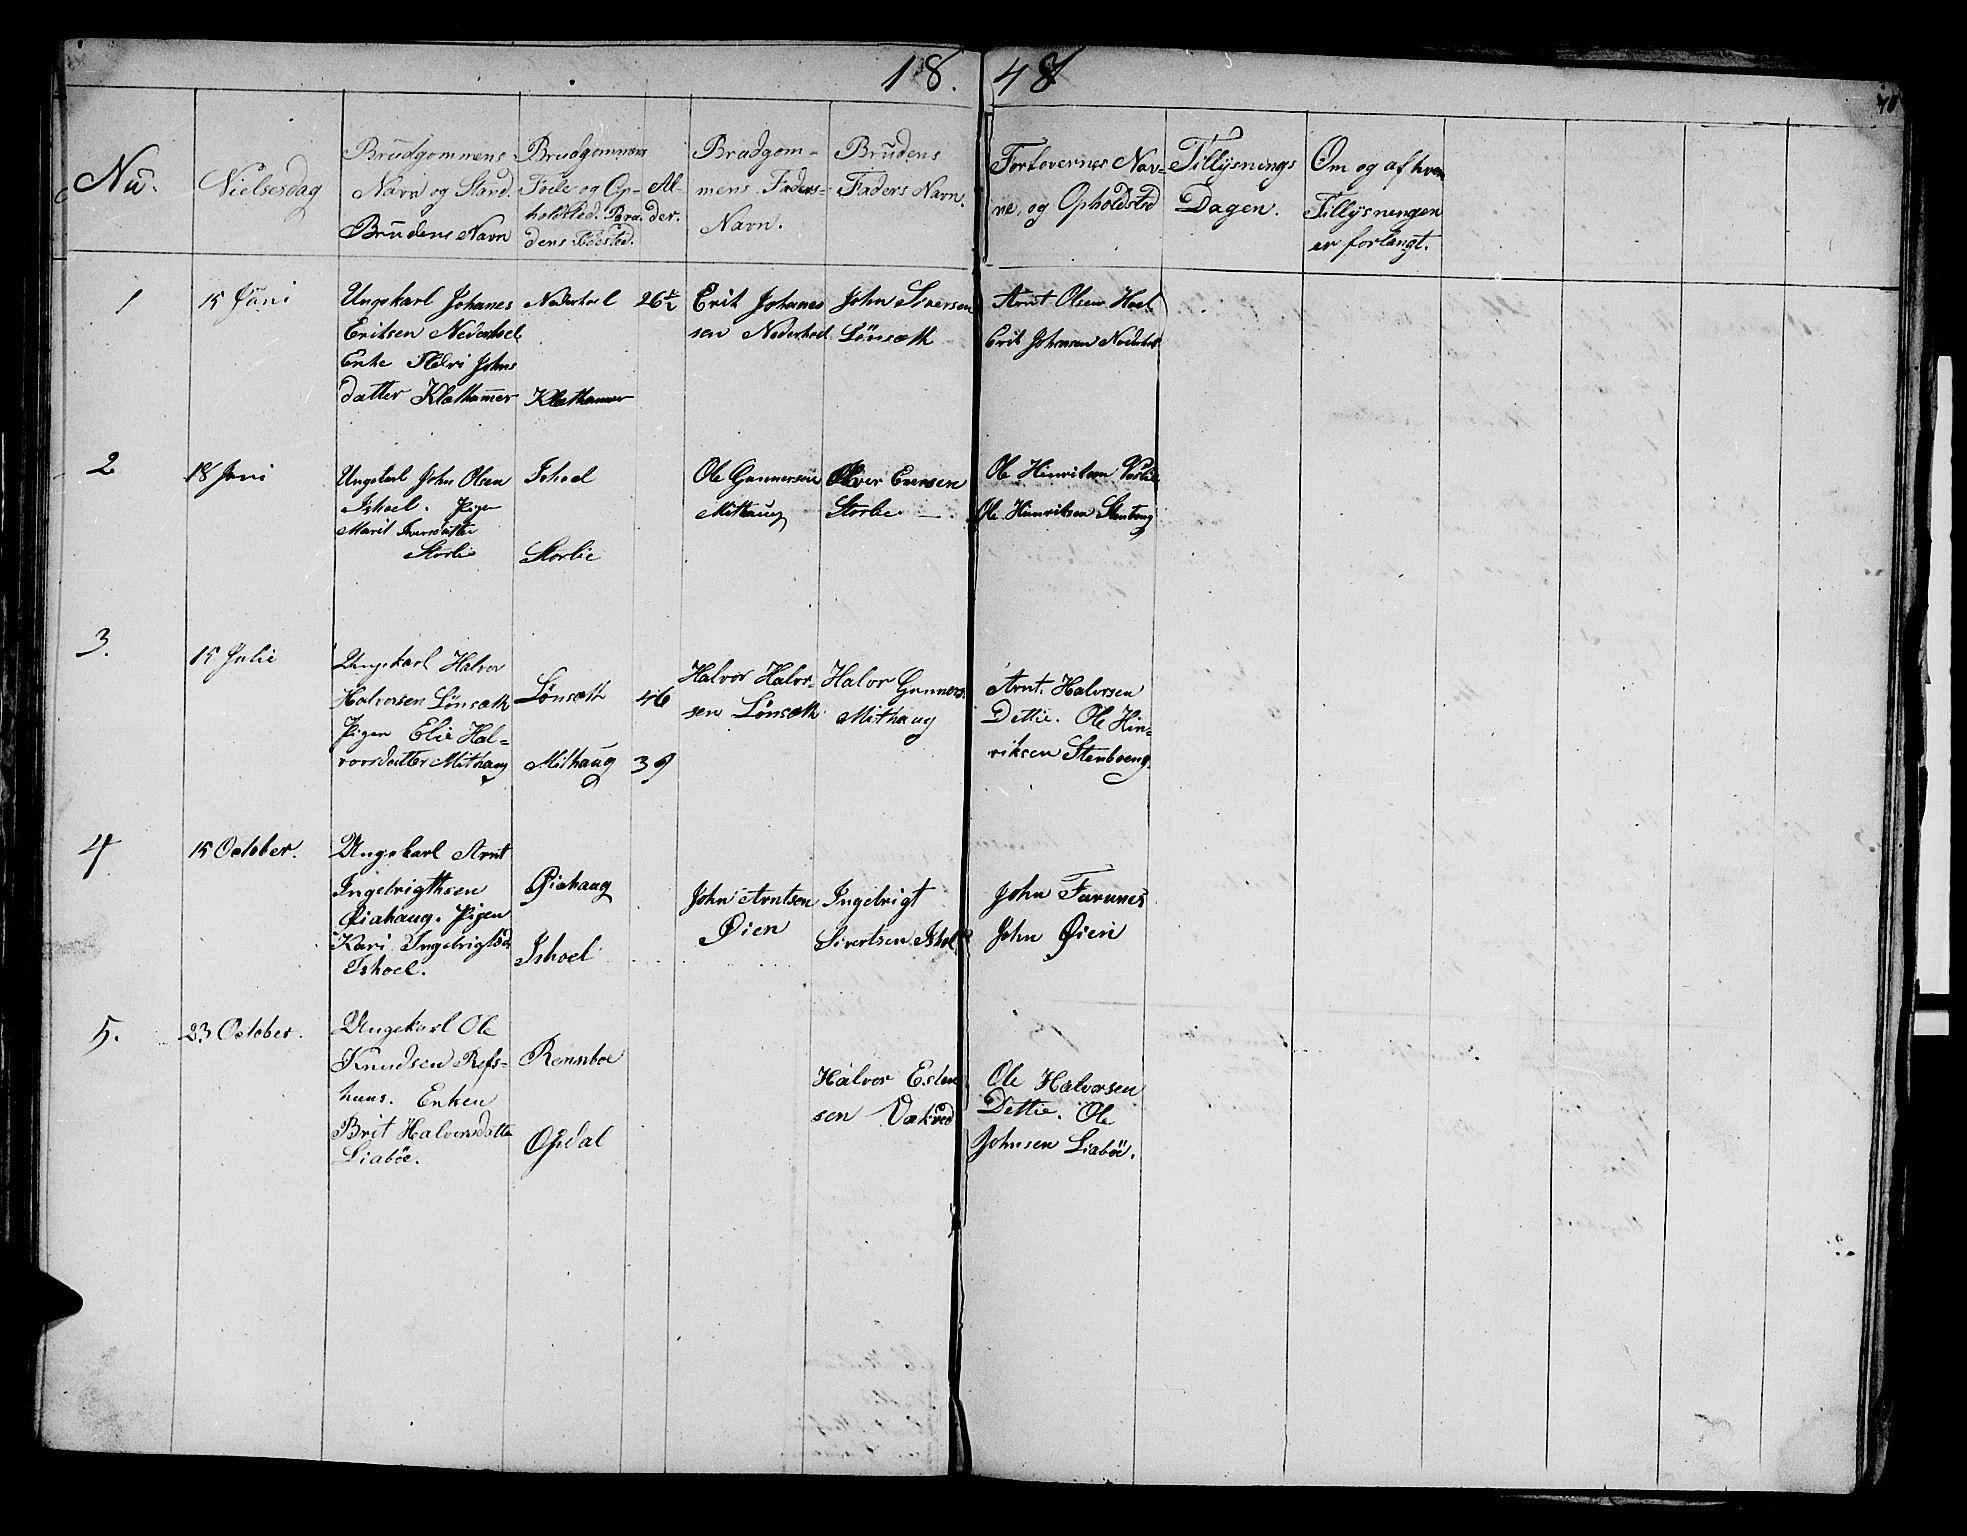 SAT, Ministerialprotokoller, klokkerbøker og fødselsregistre - Sør-Trøndelag, 679/L0922: Klokkerbok nr. 679C02, 1845-1851, s. 71